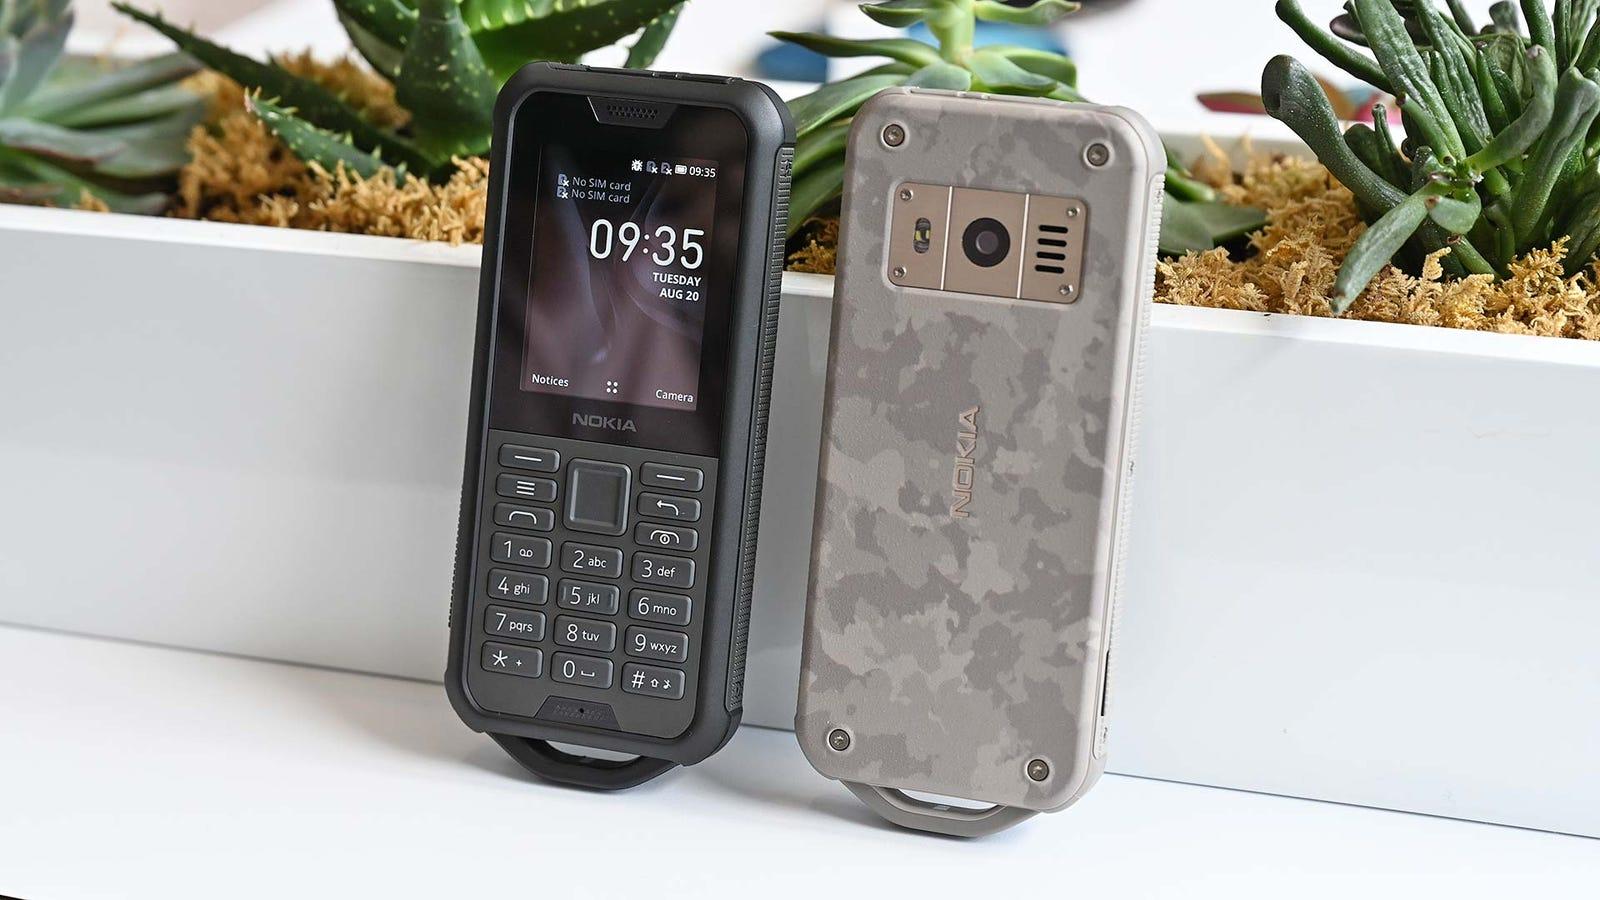 The Nokia 800.